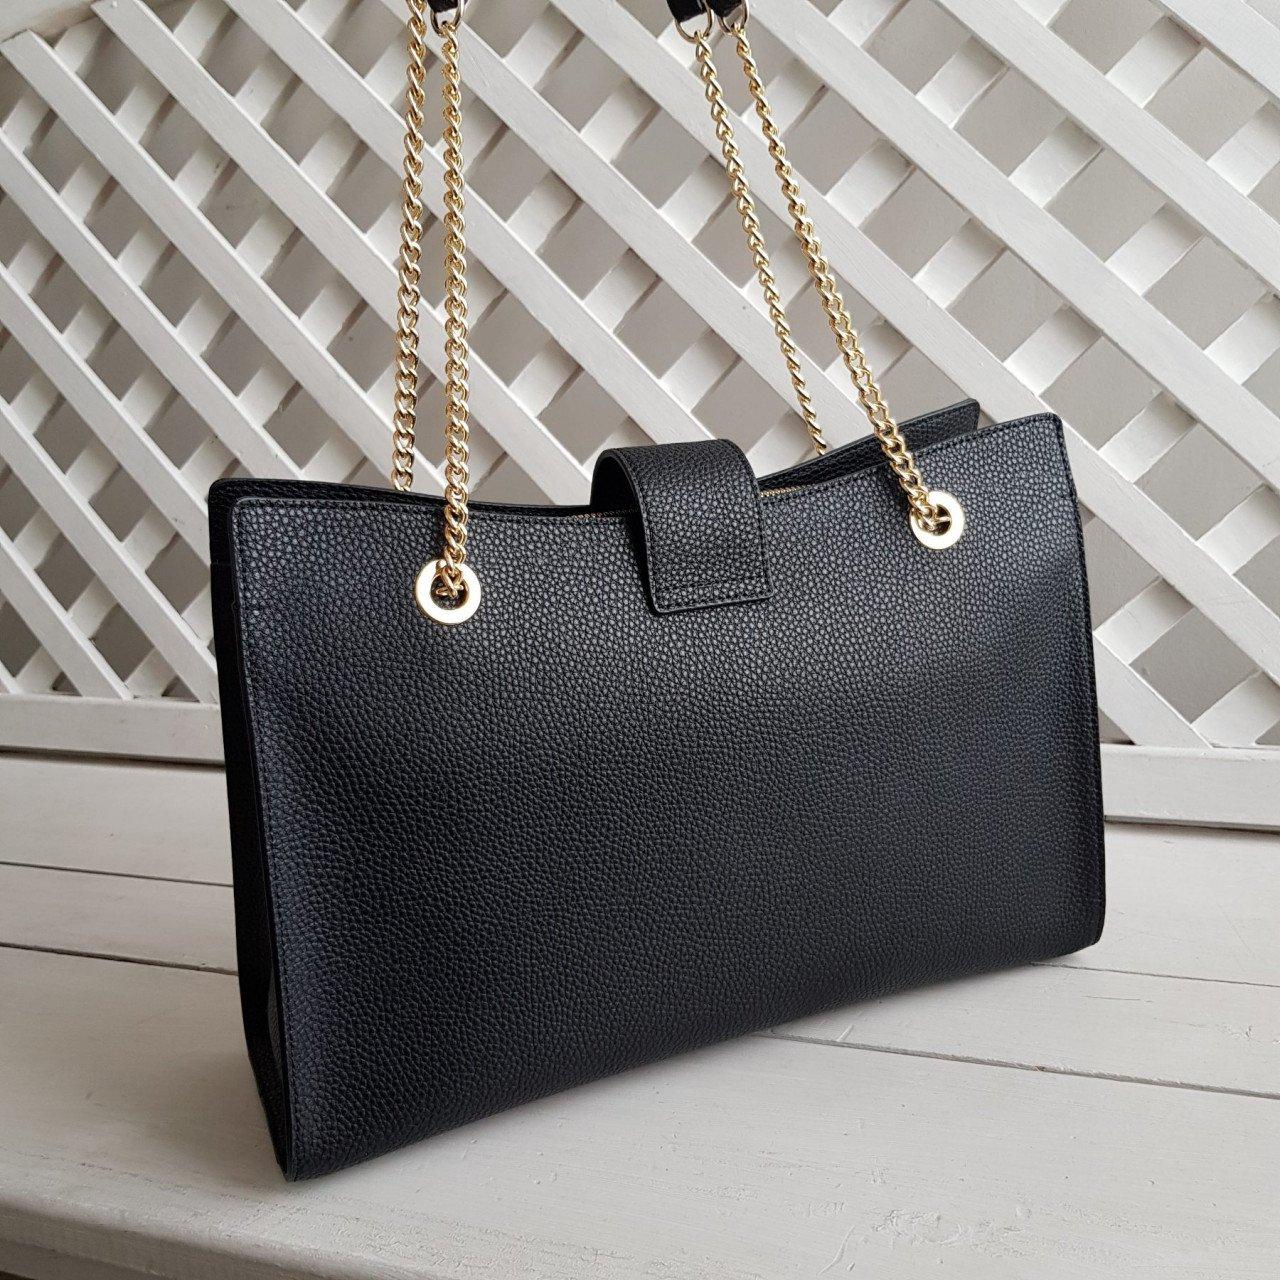 Женская кожаная сумка Cromia 1404835 NERO из натуральной кожи